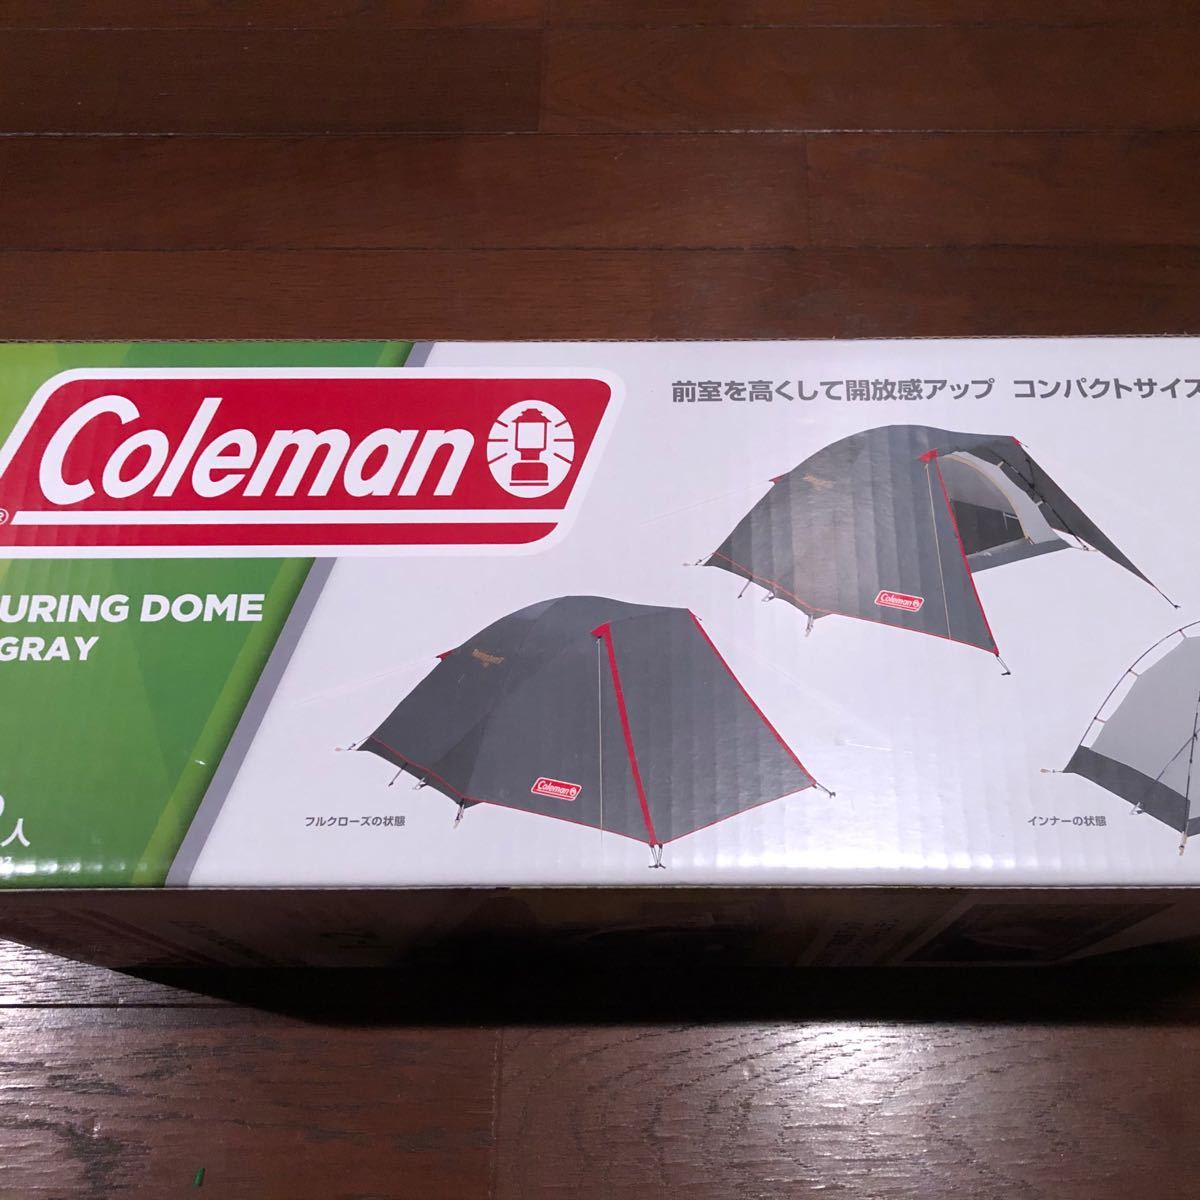 コールマン ツーリングドーム ST  GRAY グレー 直営店限定カラー